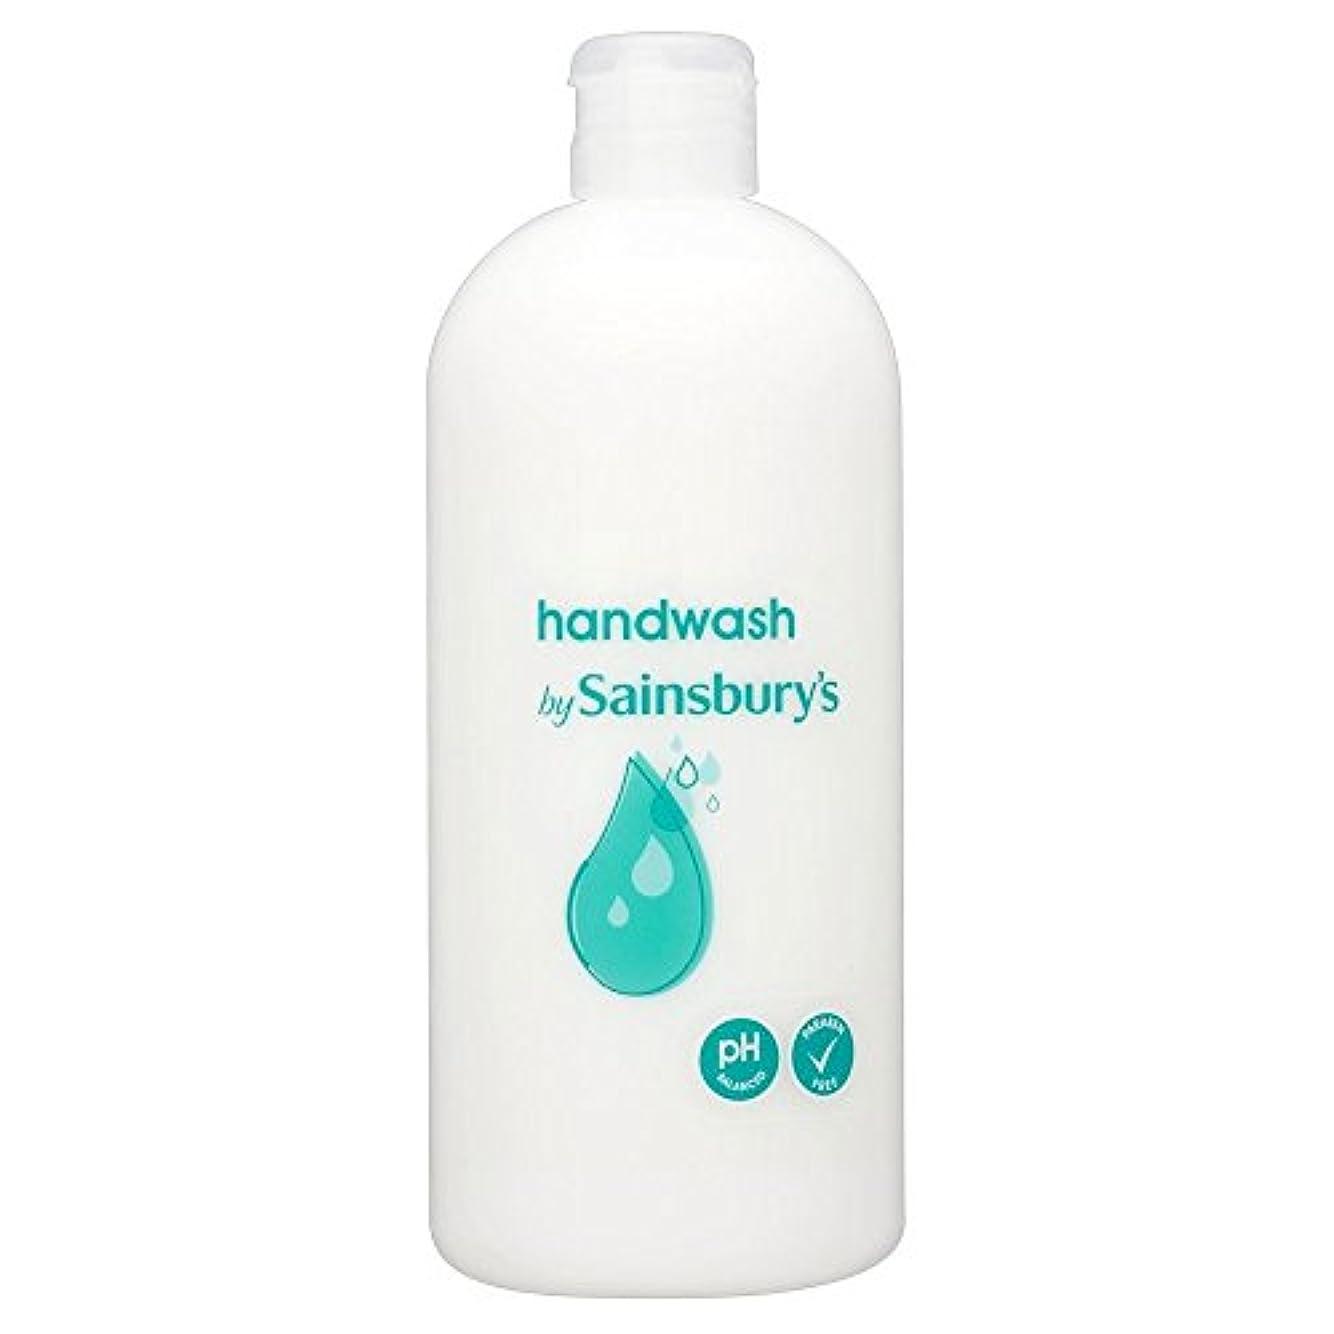 シルエット遮る地上のSainsbury's Handwash, White Refill 500ml (Pack of 2) - (Sainsbury's) 手洗い、白リフィル500ミリリットル (x2) [並行輸入品]